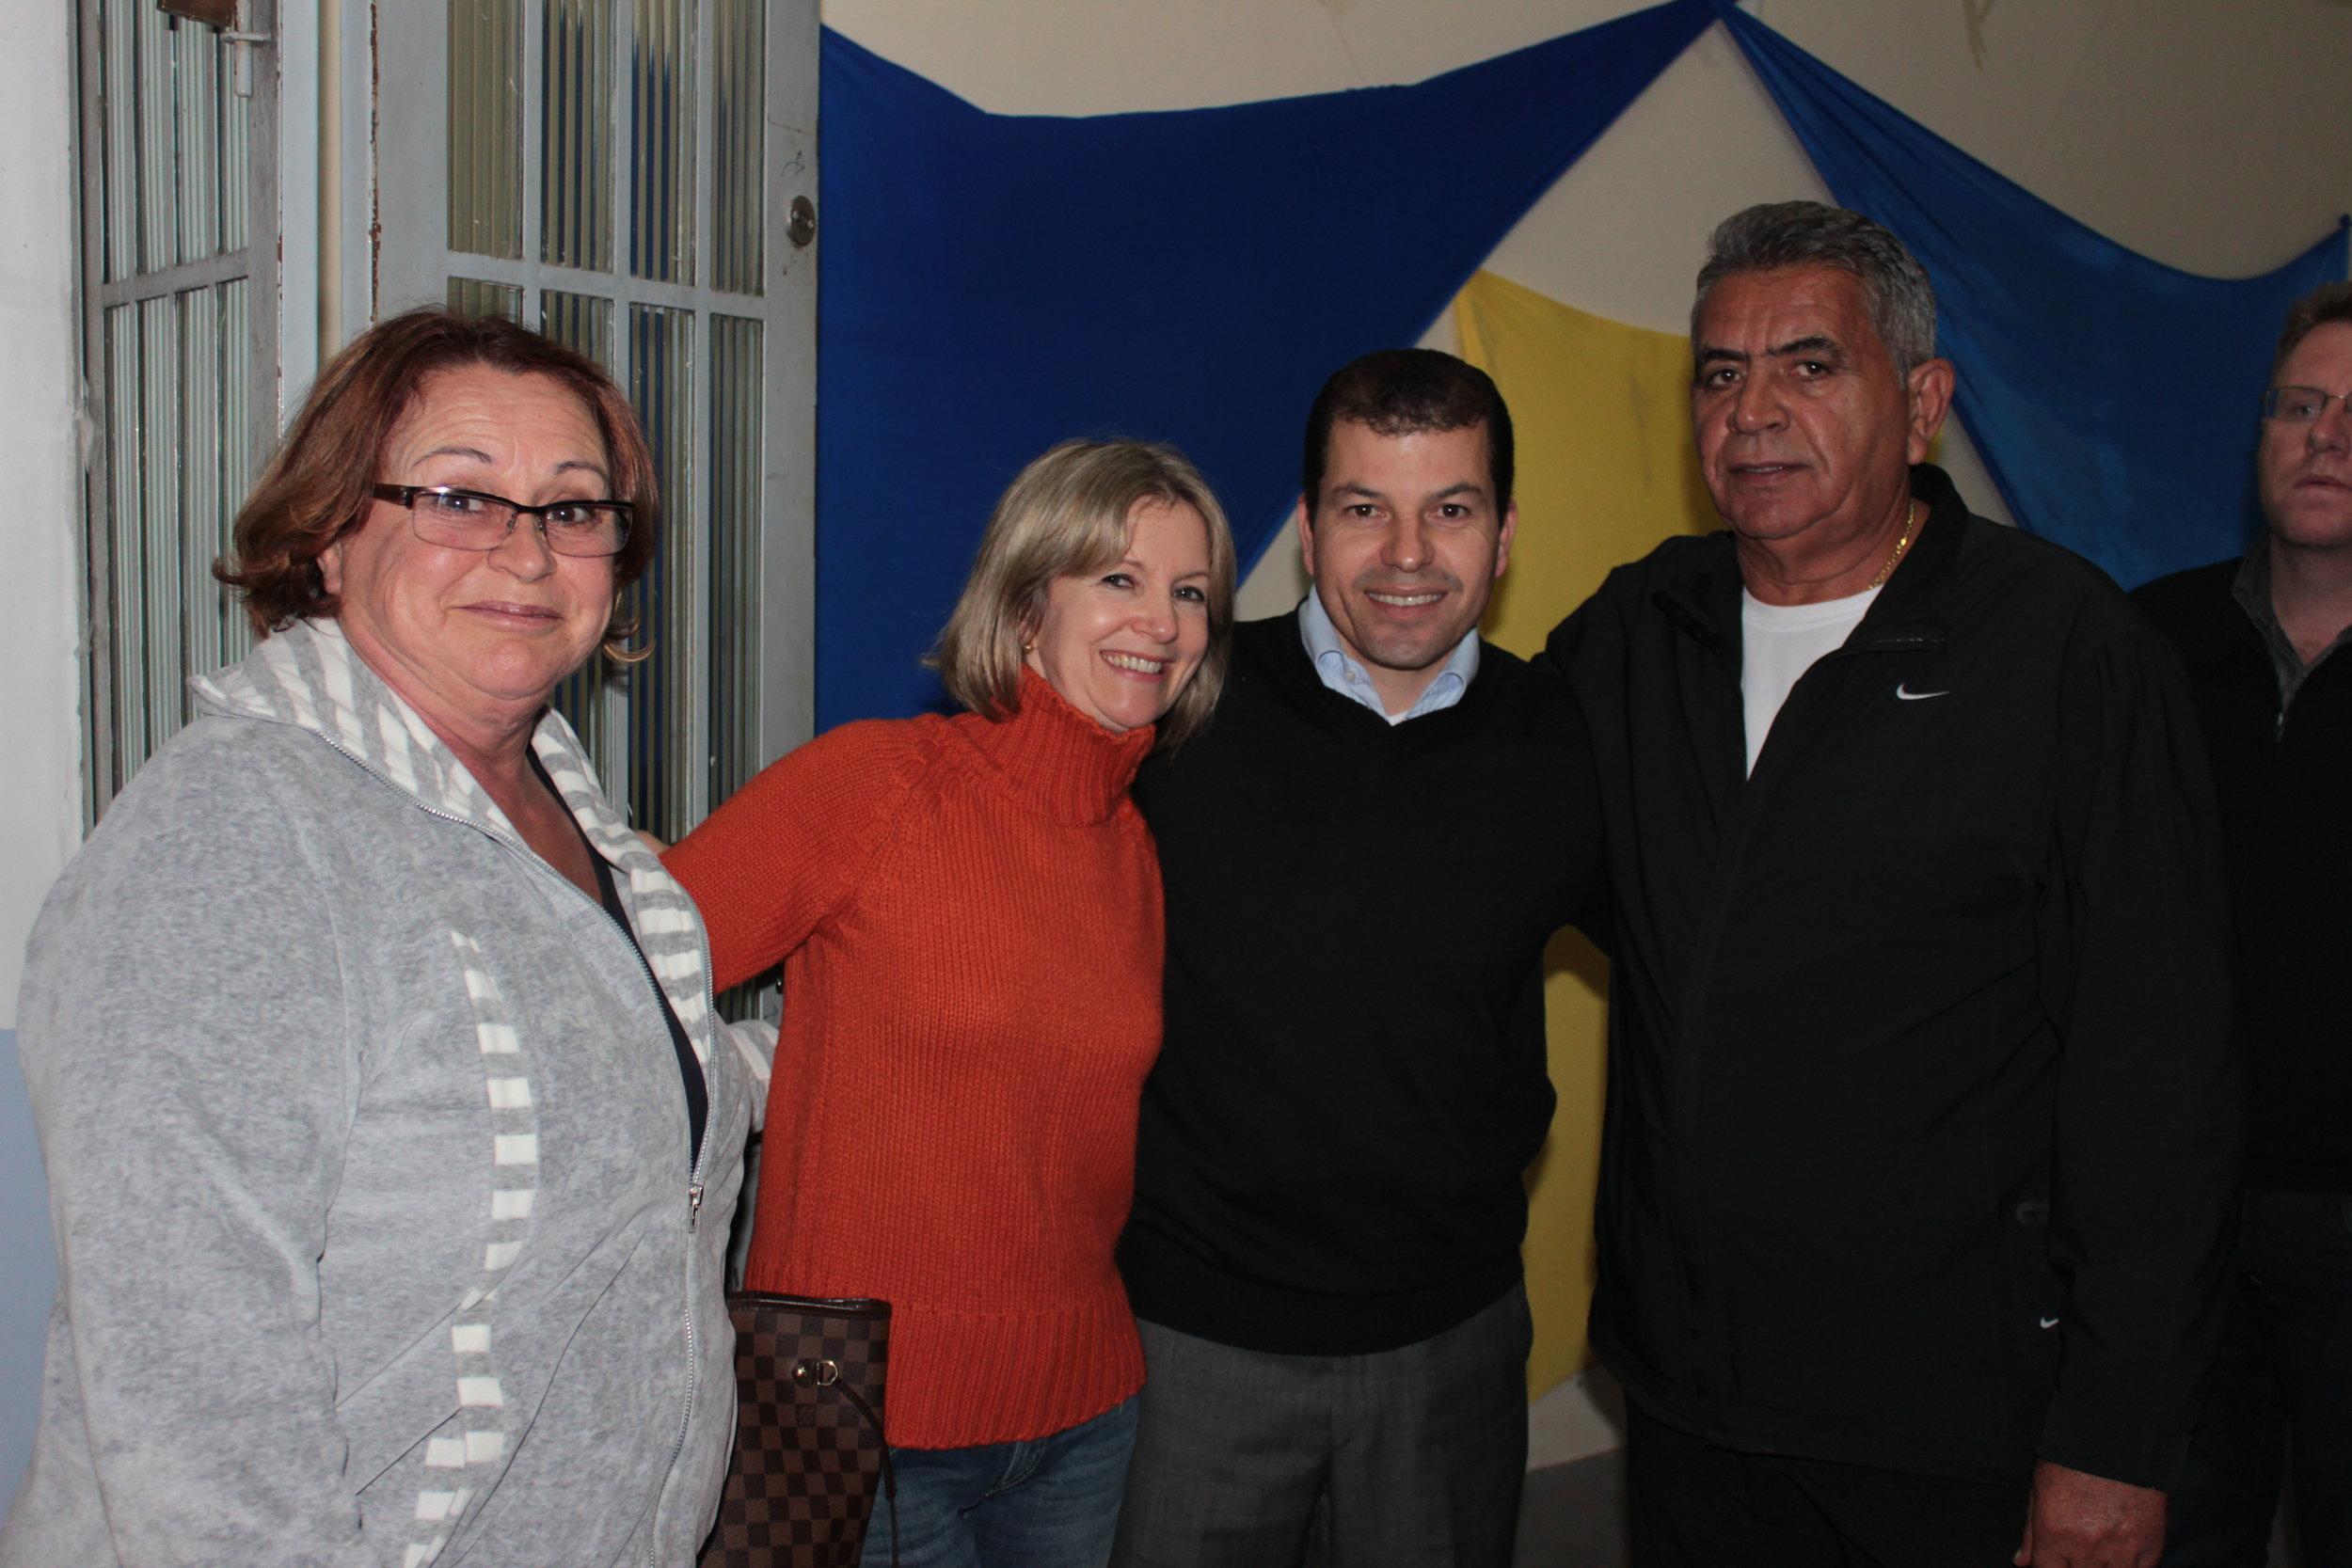 Lancamento Candidatura Serginho 2012 - Salao Rosario de Belem (150).JPG